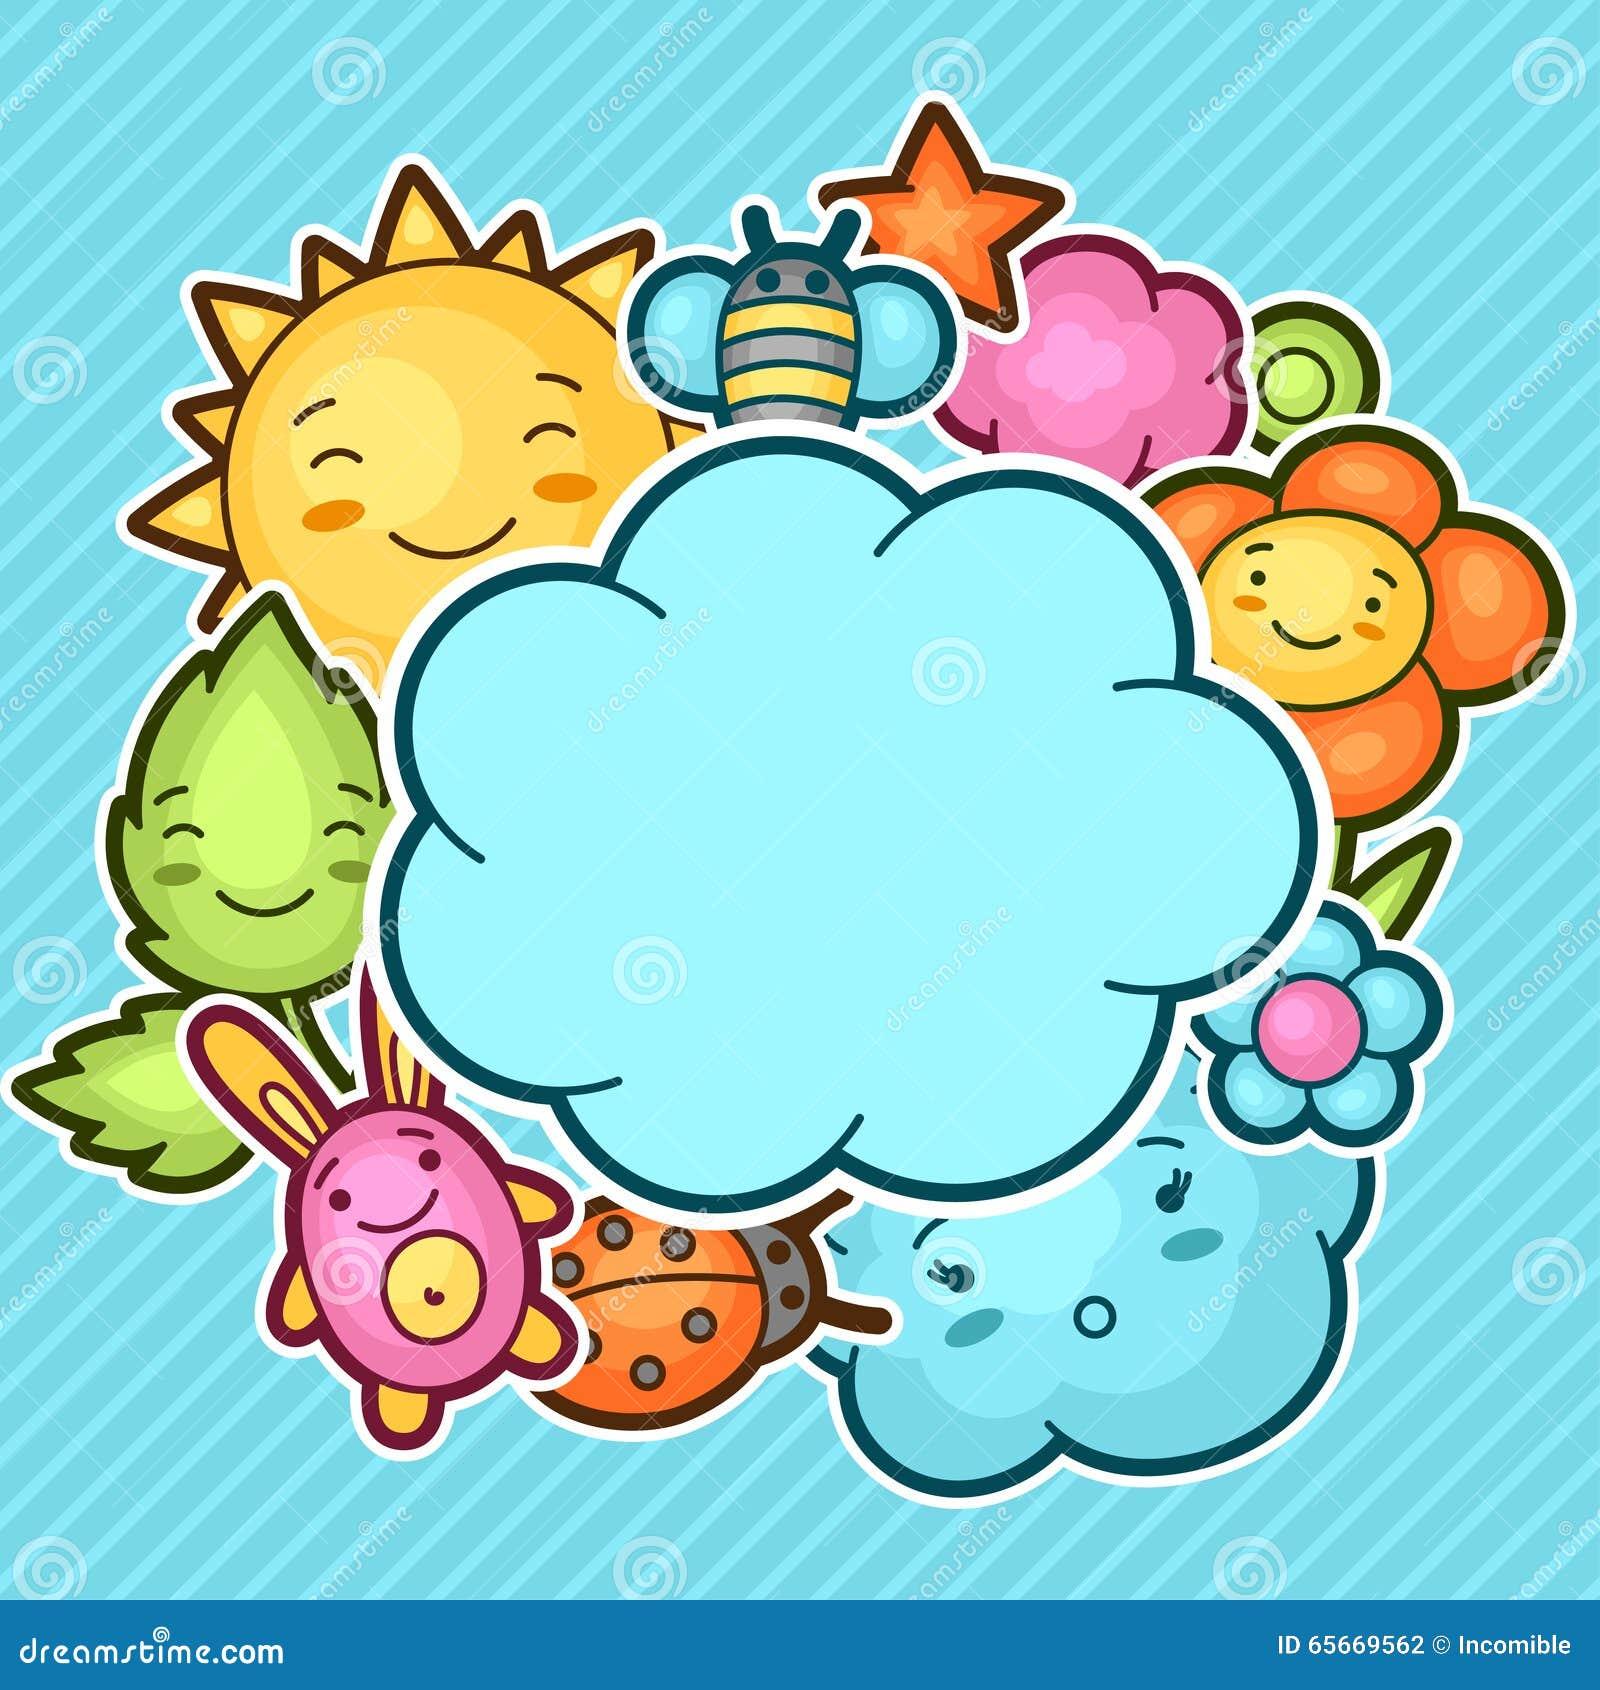 Fundo bonito da criança com garatujas do kawaii Coleção da mola de personagens de banda desenhada alegres sol, nuvem, flor, folha